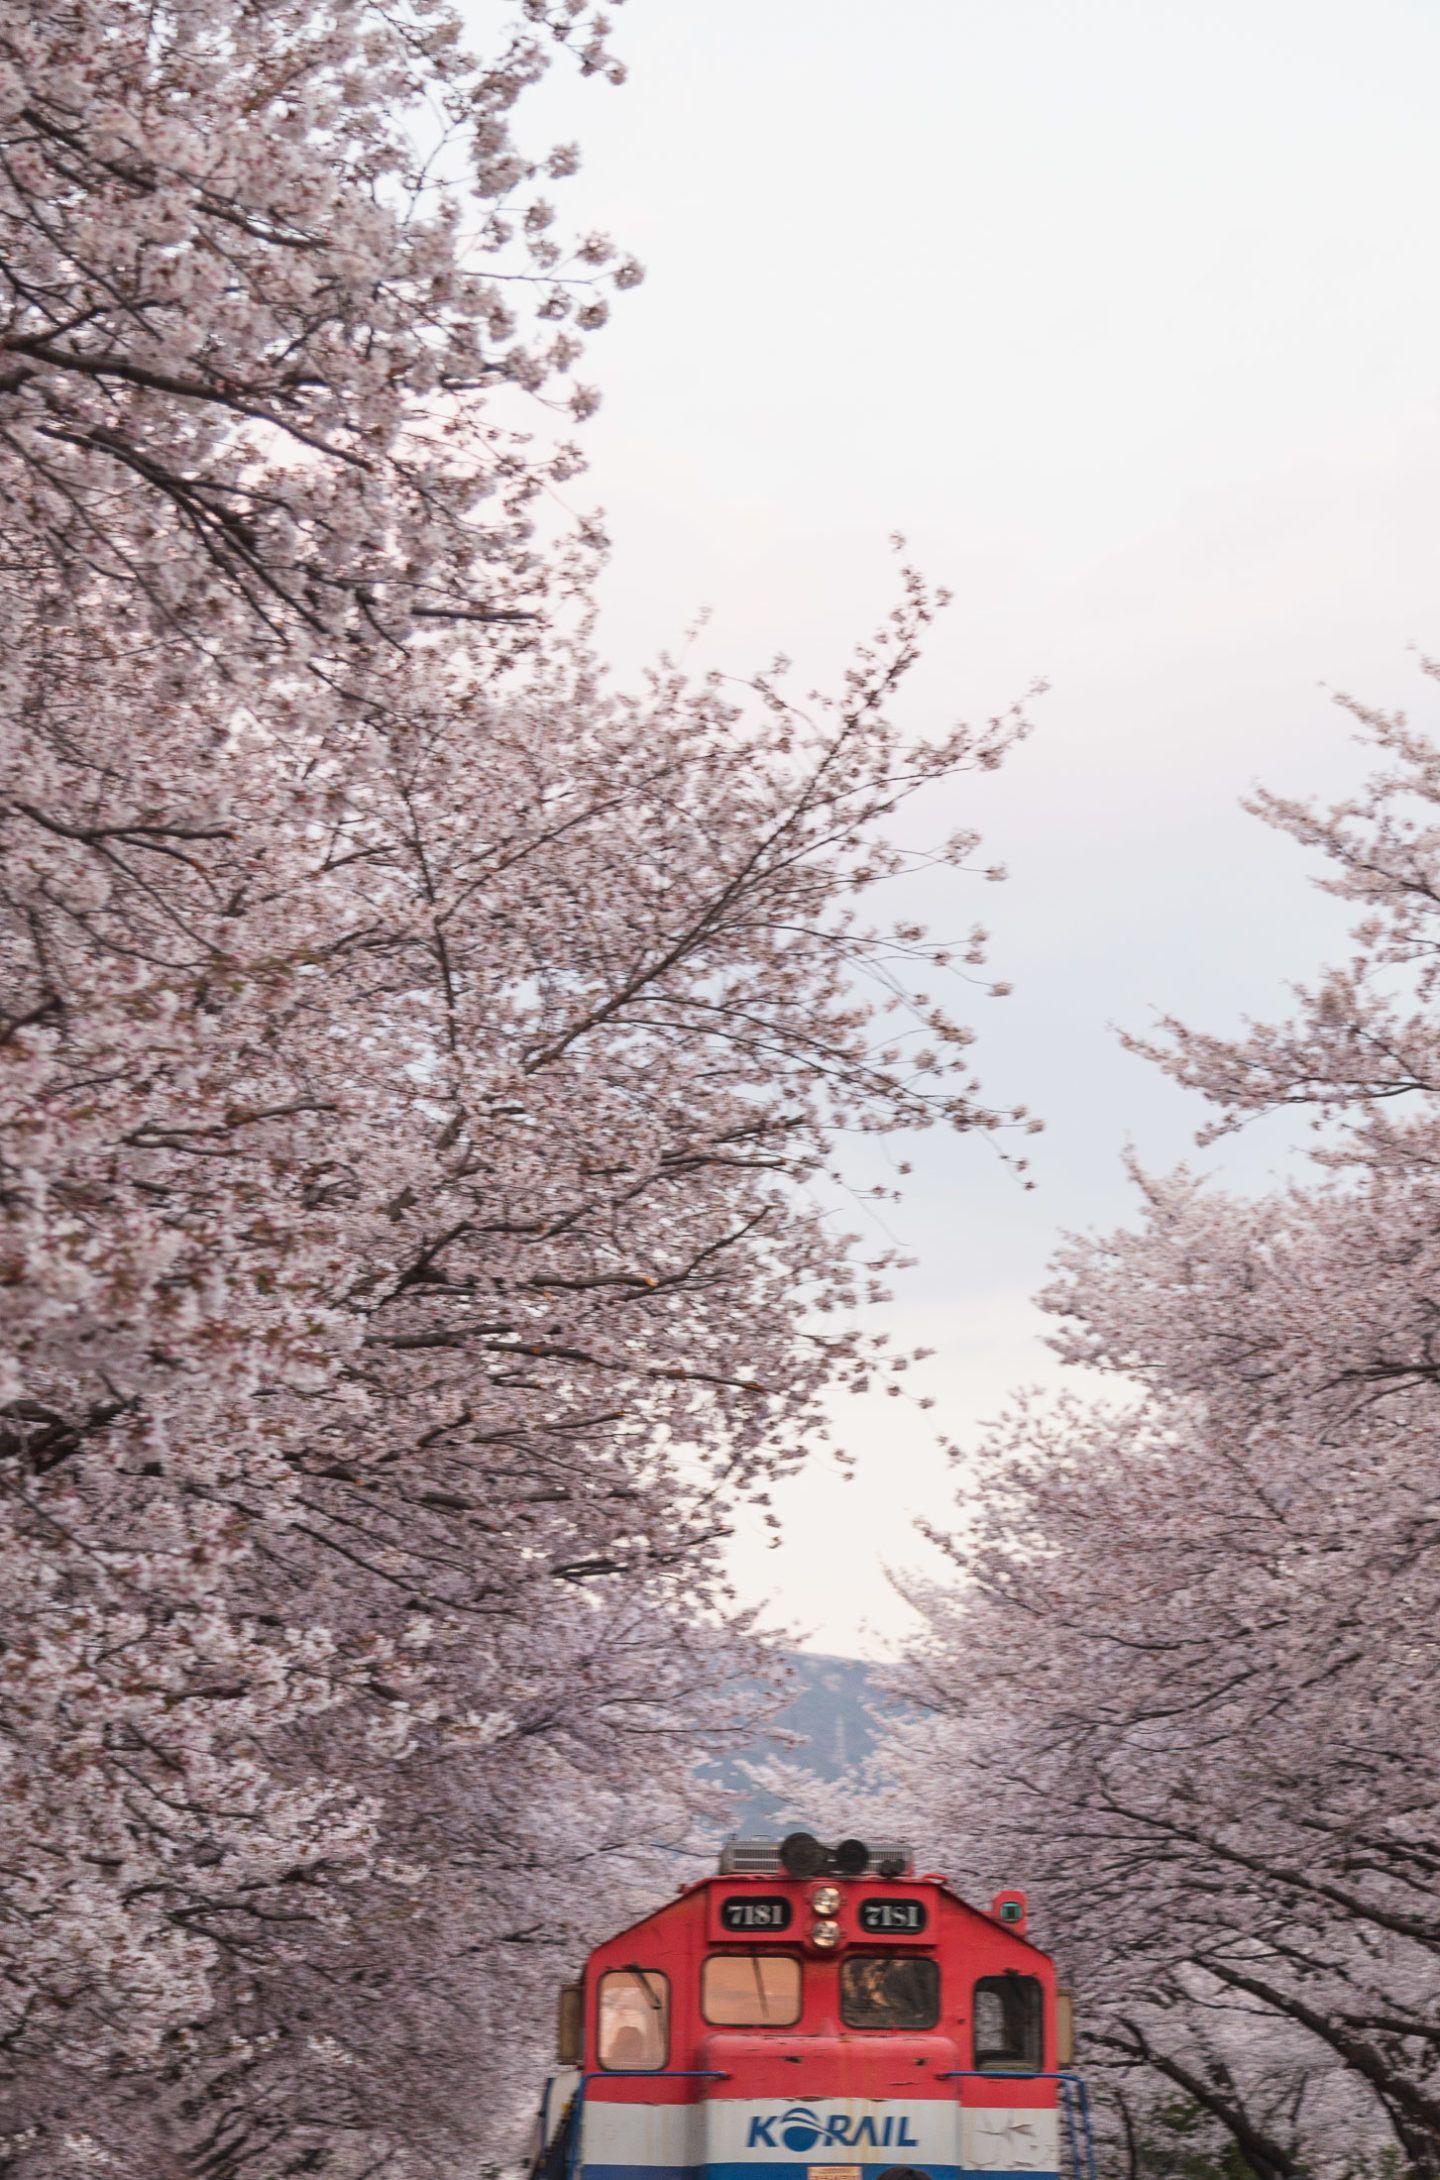 The Famous Jinhae Cherry Blossom Festival All You Need To Know In 2021 Cherry Blossom Festival Cherry Blossom Spring Festivals